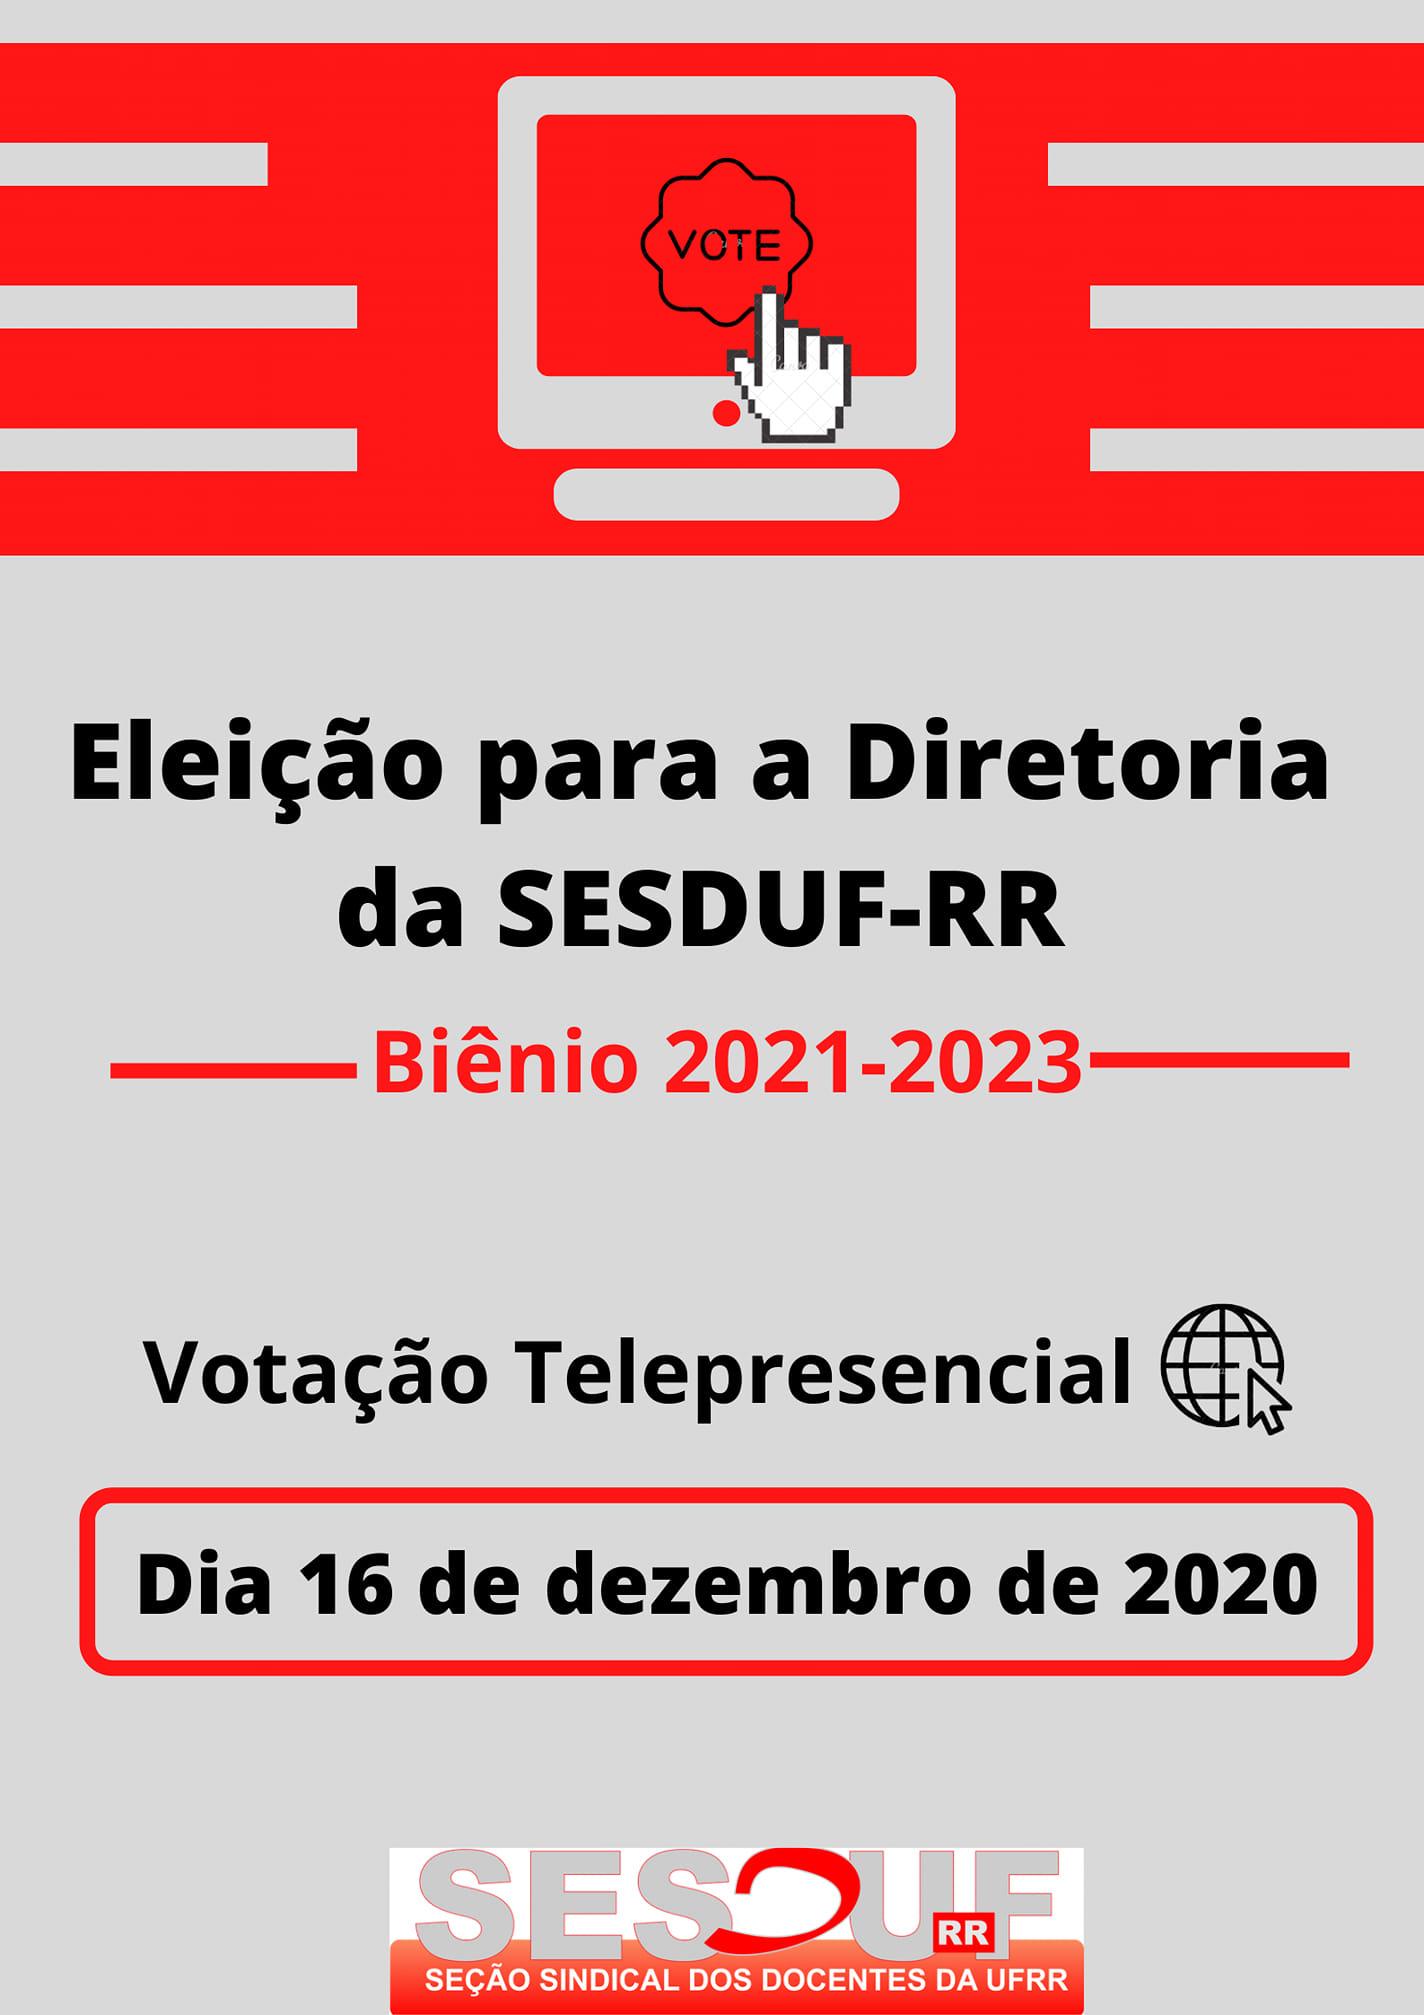 Eleição SESDUF-RR (Biênio 2021-2023)